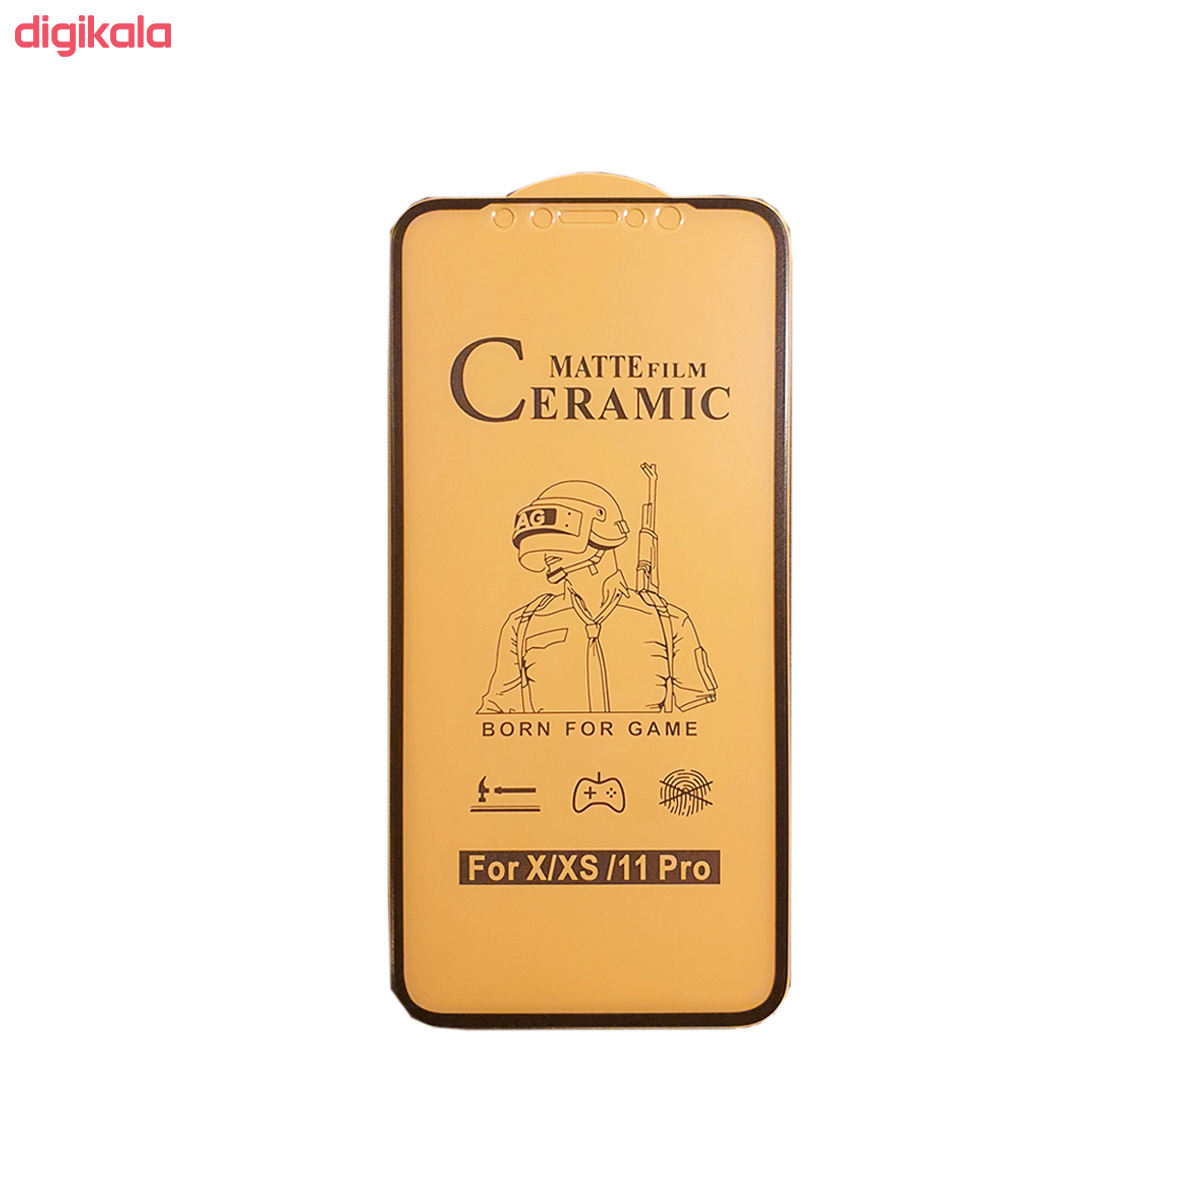 محافظ صفحه نمایش سرامیکی مدل FLCRM01me مناسب برای گوشی موبایل اپل iPhone 11 Pro main 1 2